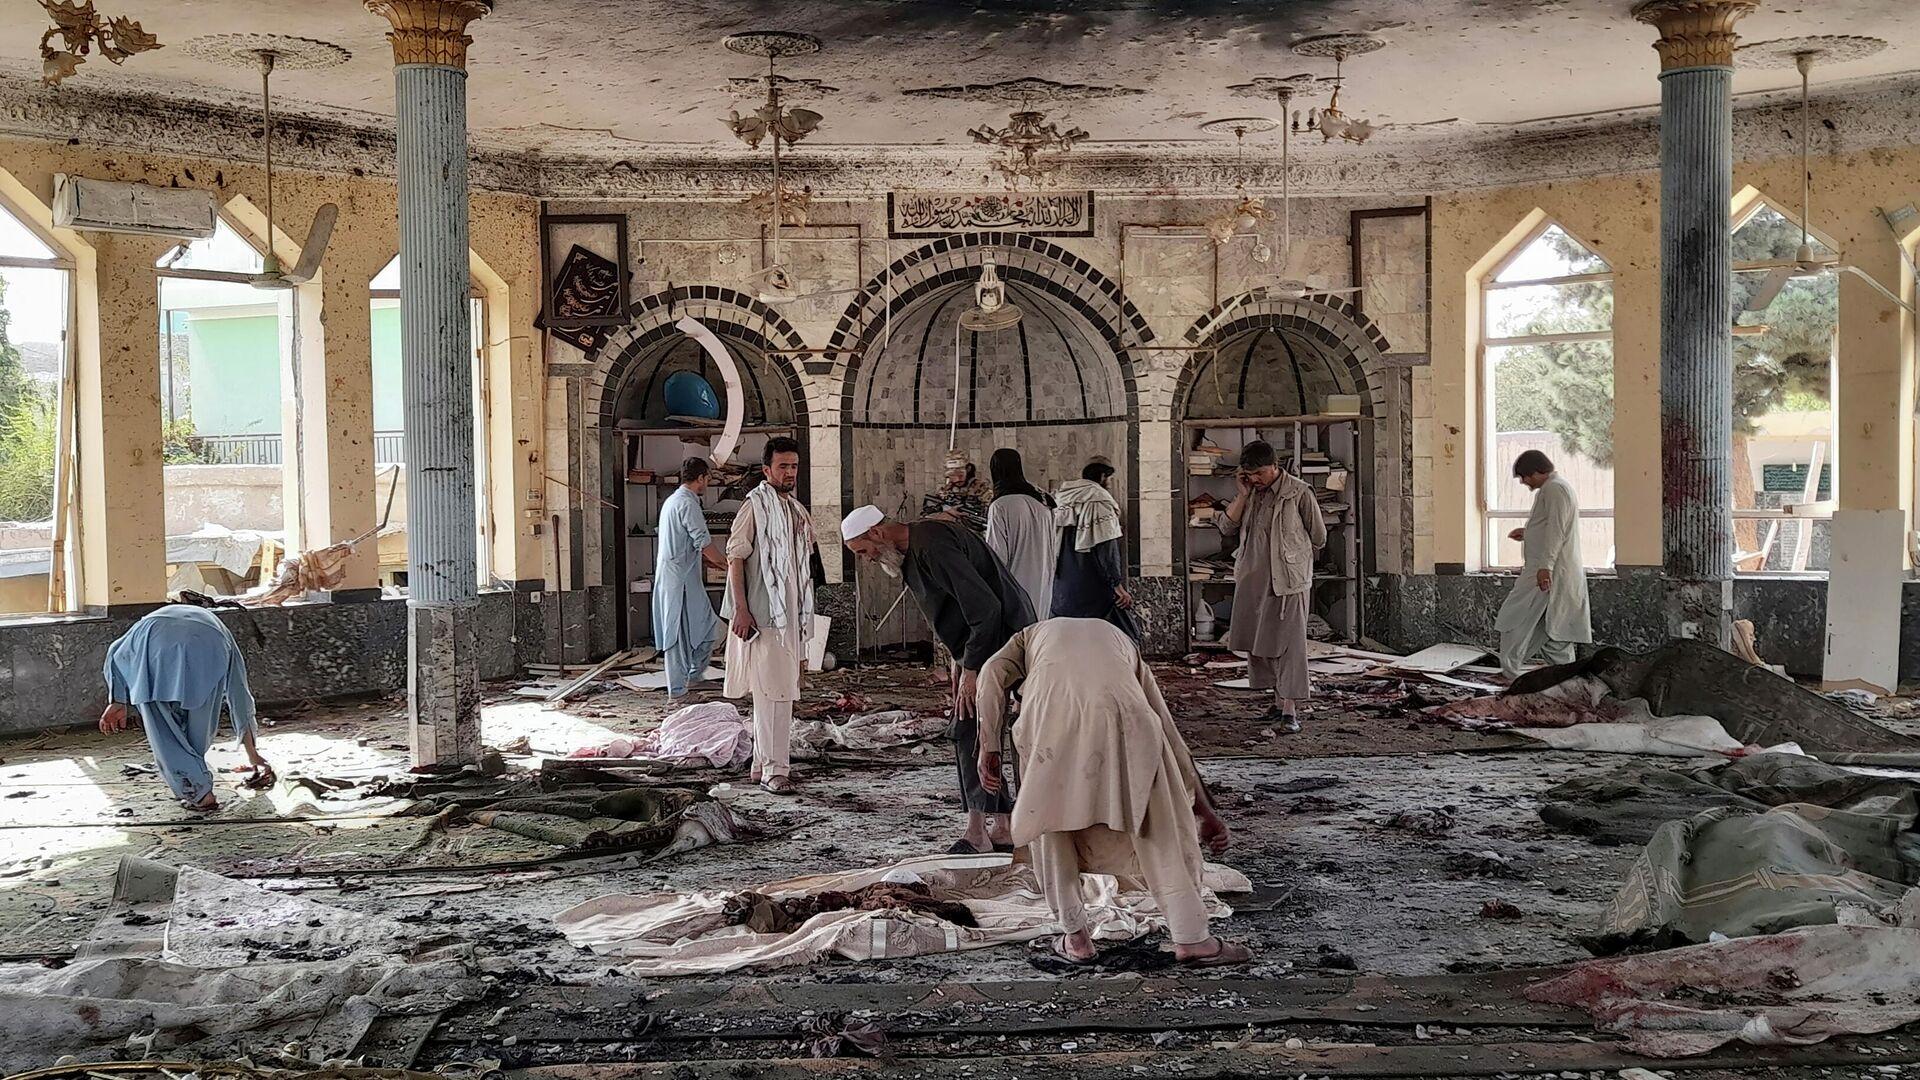 Wybuch w meczecie w Afganistanie w prowincji Kunduz - Sputnik Polska, 1920, 08.10.2021